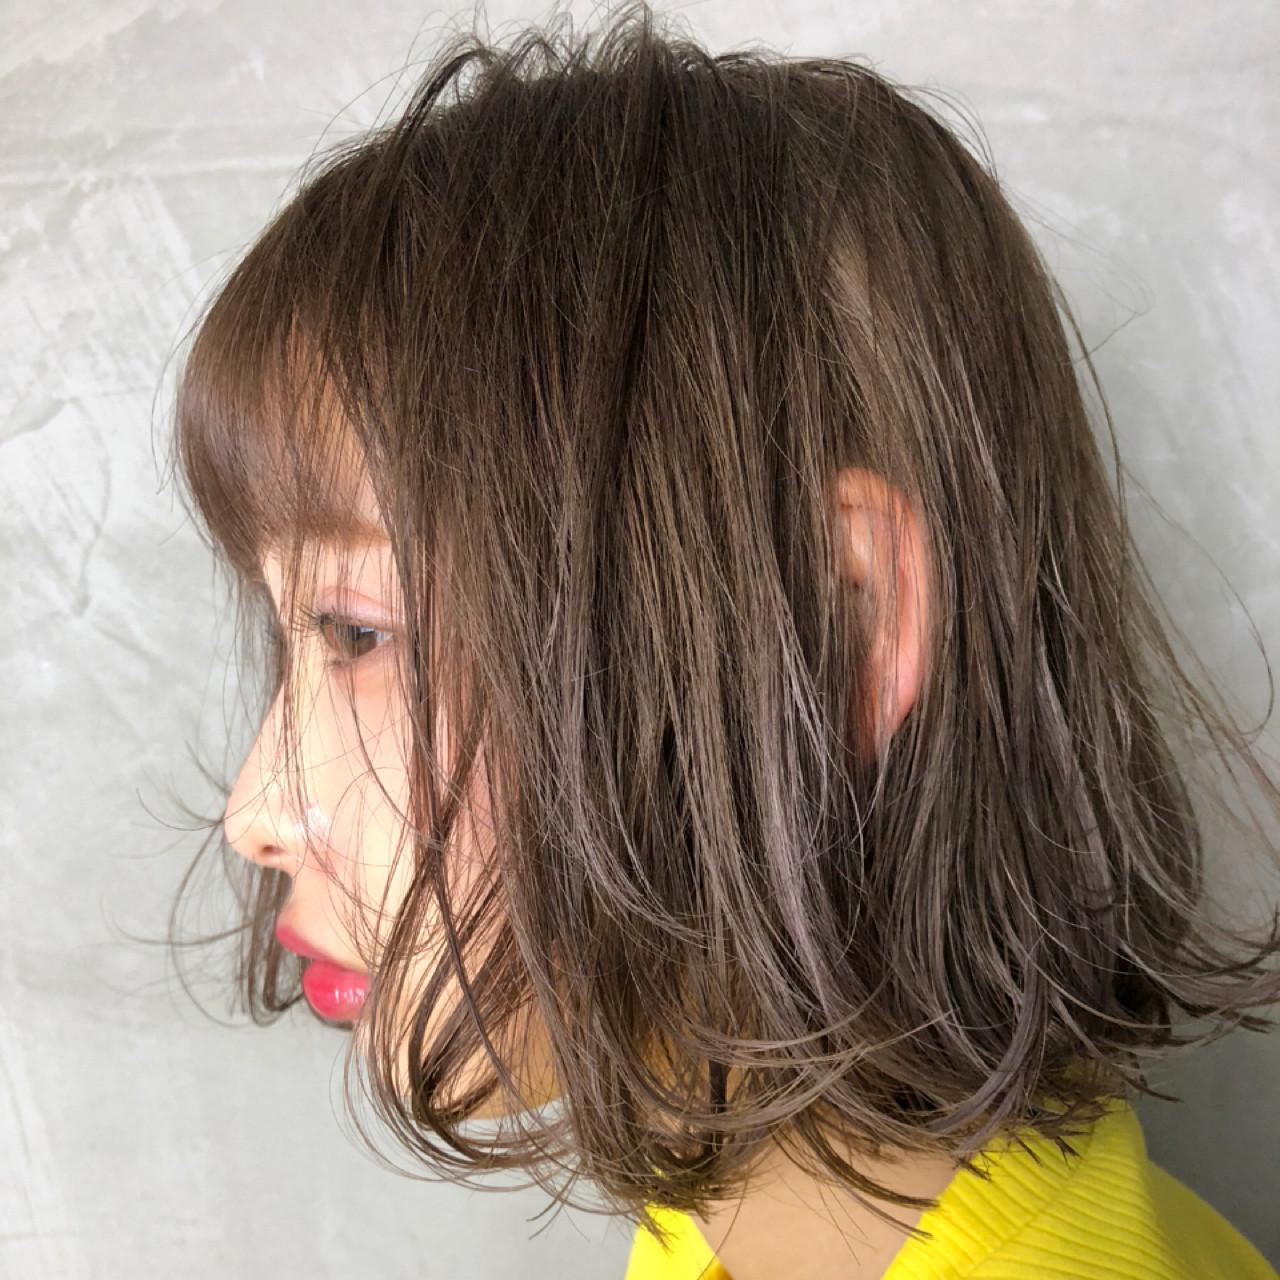 ニュアンス 切りっぱなし ボブ ハイライト ヘアスタイルや髪型の写真・画像